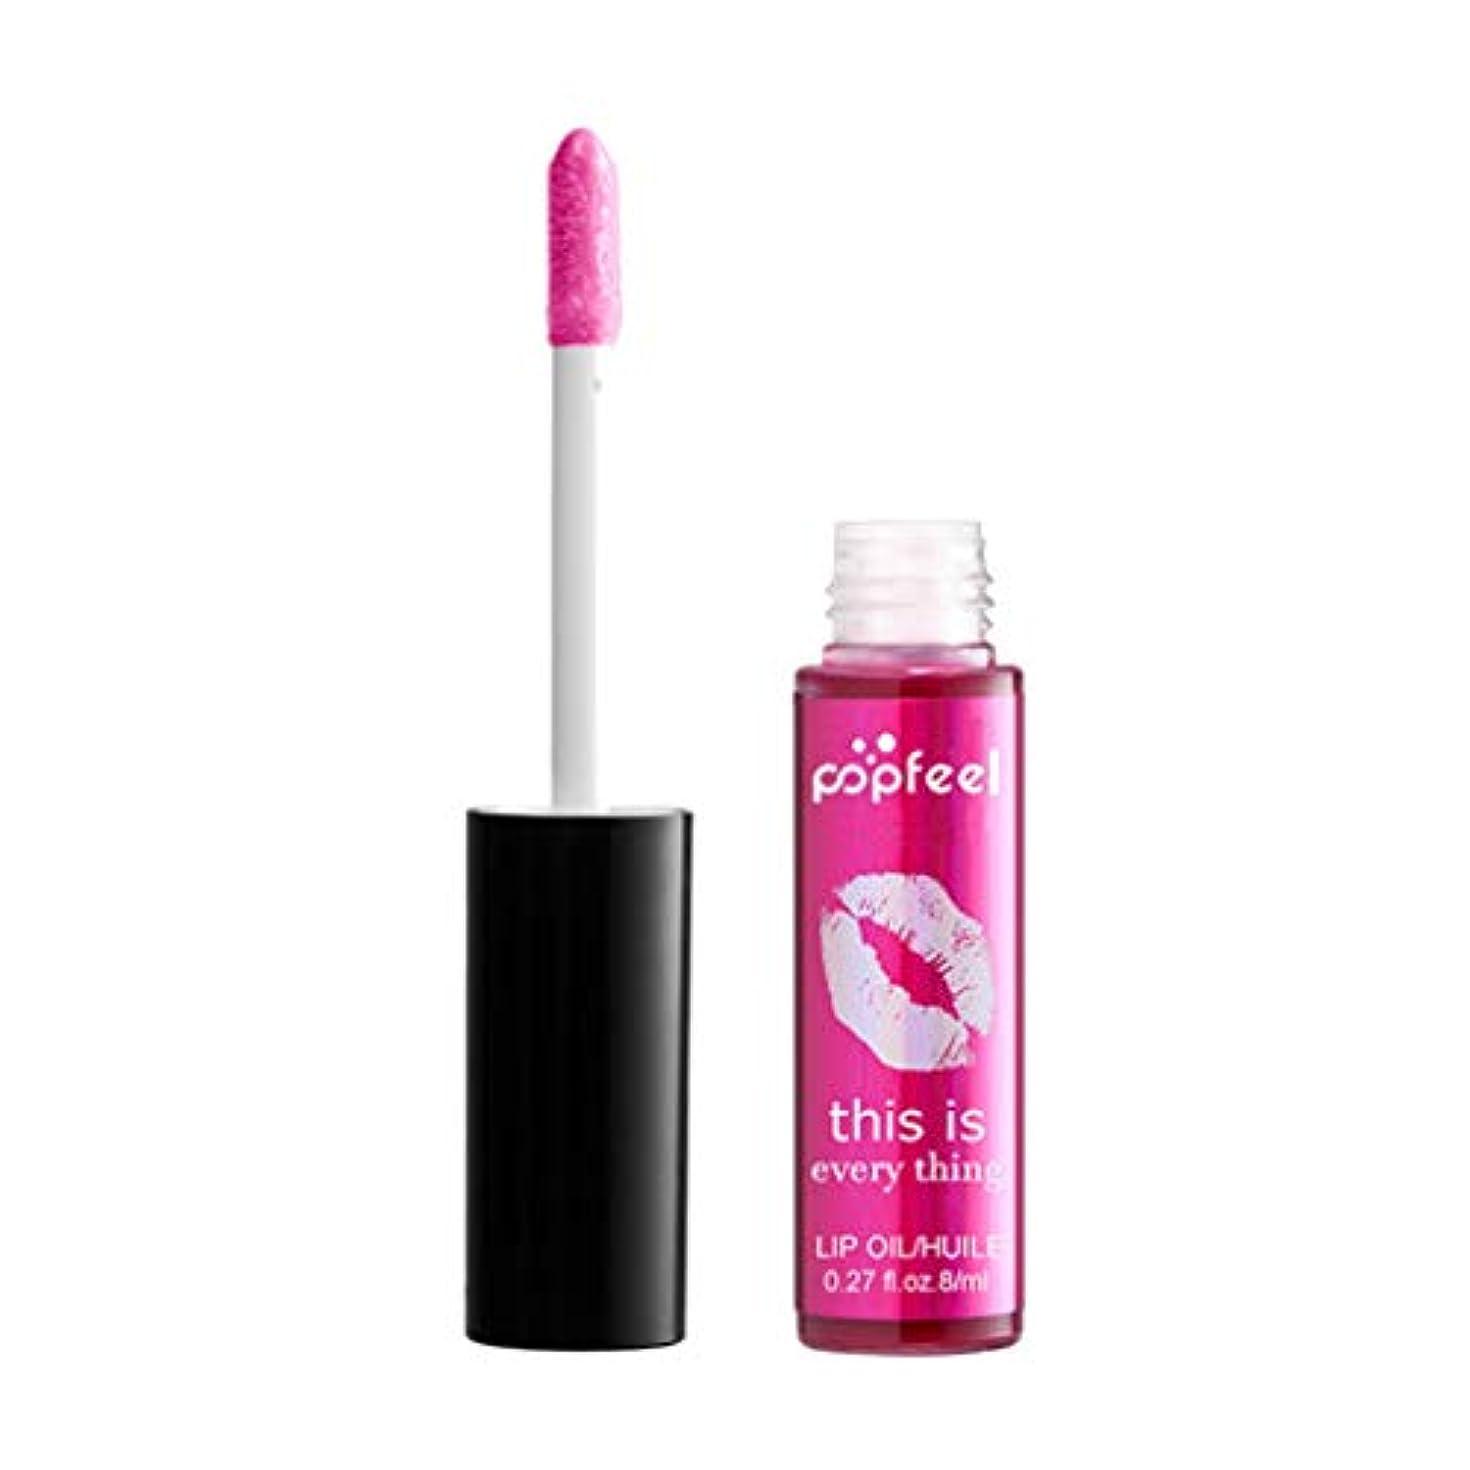 ハドル接続確率CUTICATE 女性ミニリップグロス防水化粧品メイクアップ液体口紅保湿剤 - ローズレッド, 9×1.6×1.6cm